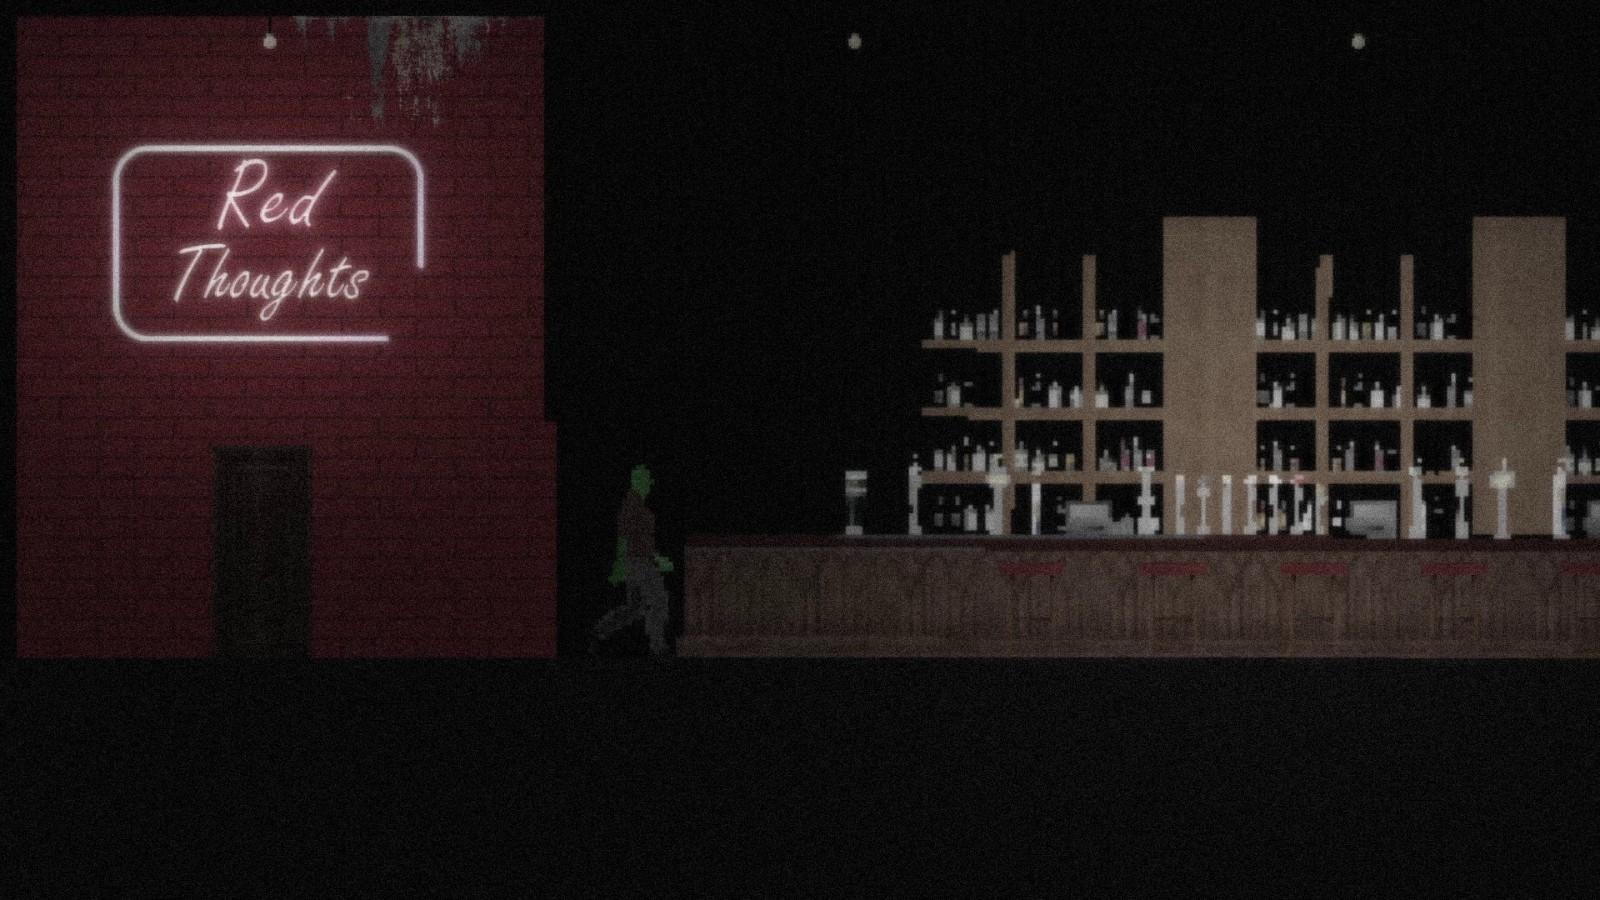 僵尸模拟器《人类启示录》上架Steam 支持中文